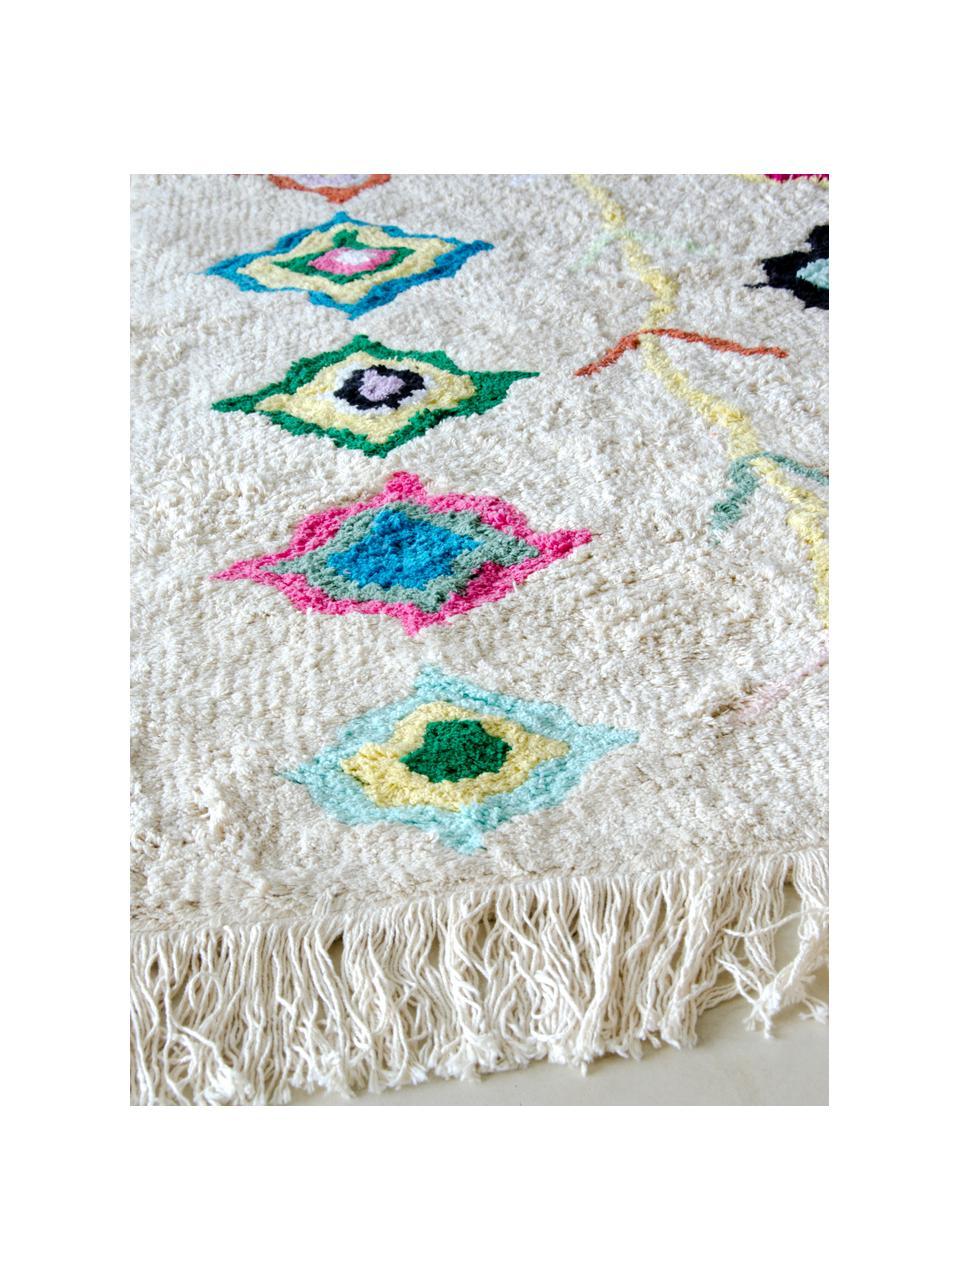 Handgefertigter Teppich Kaarol mit buntem Muster, waschbar, Recycelte Baumwolle (80% Baumwolle, 20% andere Fasern), Mehrfarbig, B 140 x L 200 cm (Größe S)